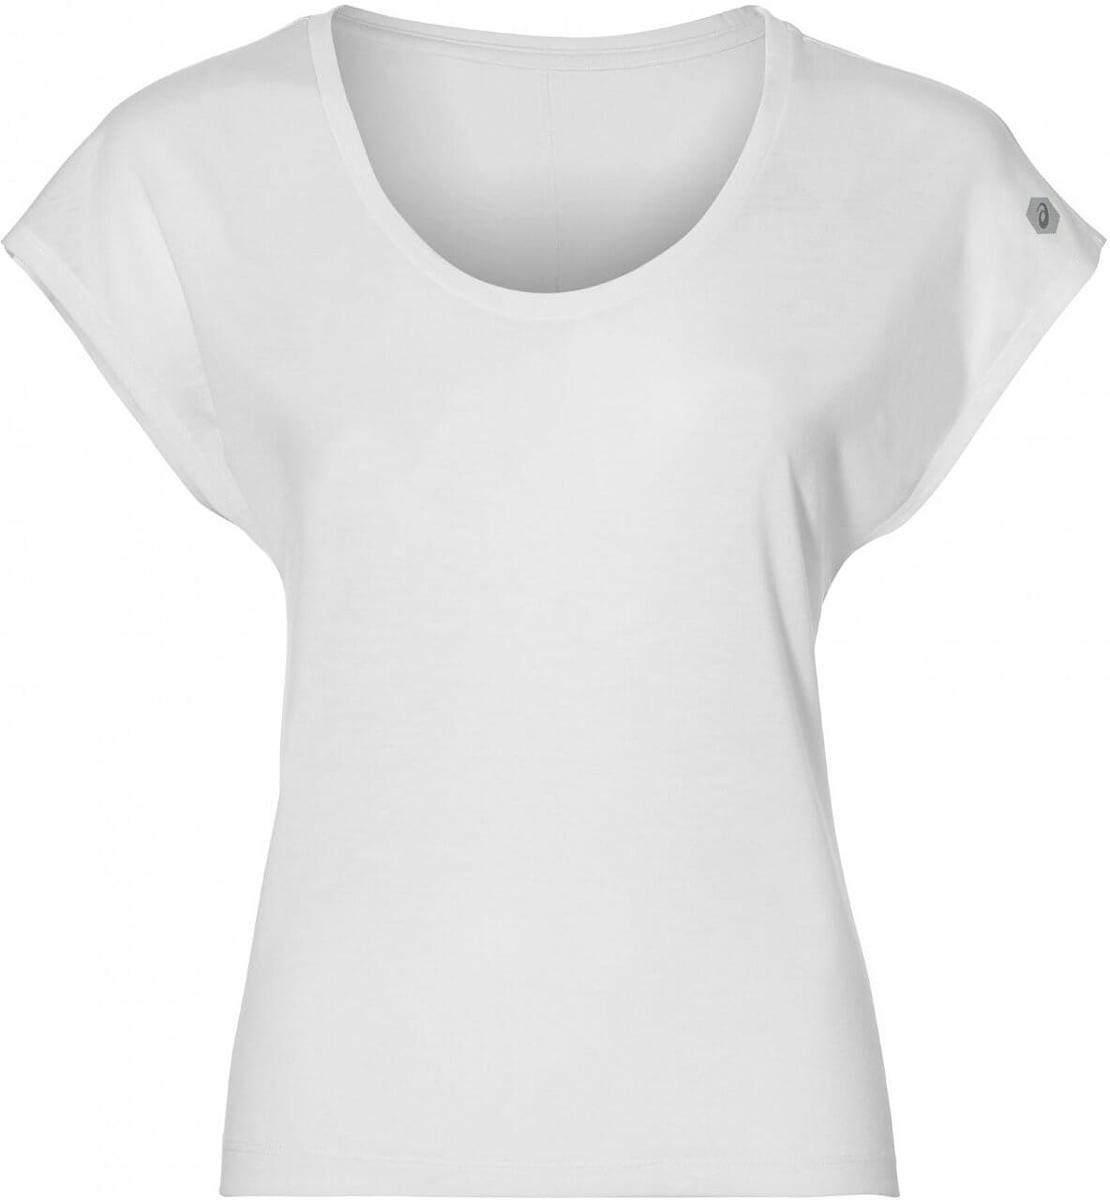 Футболка для фитнеса женская Asics SS Tee, цвет: белый. 149103-0014. Размер XS (42)149103-0014Футболка от Asics предназначена специально для бега и тренировок. Эта футболка обеспечит вам безупречный комфорт и достижение высоких спортивных результатов благодаря мягкой, эластичной ткани, которая отводит влагу и поддерживает тело сухим. Плоские швы не натирают кожу и обеспечивают полный комфорт. Фасон рукавов-реглан элегантен и создает свободу движений. Футболка декорирована логотипом. Максимальный комфорт и уникальный спортивный образ!